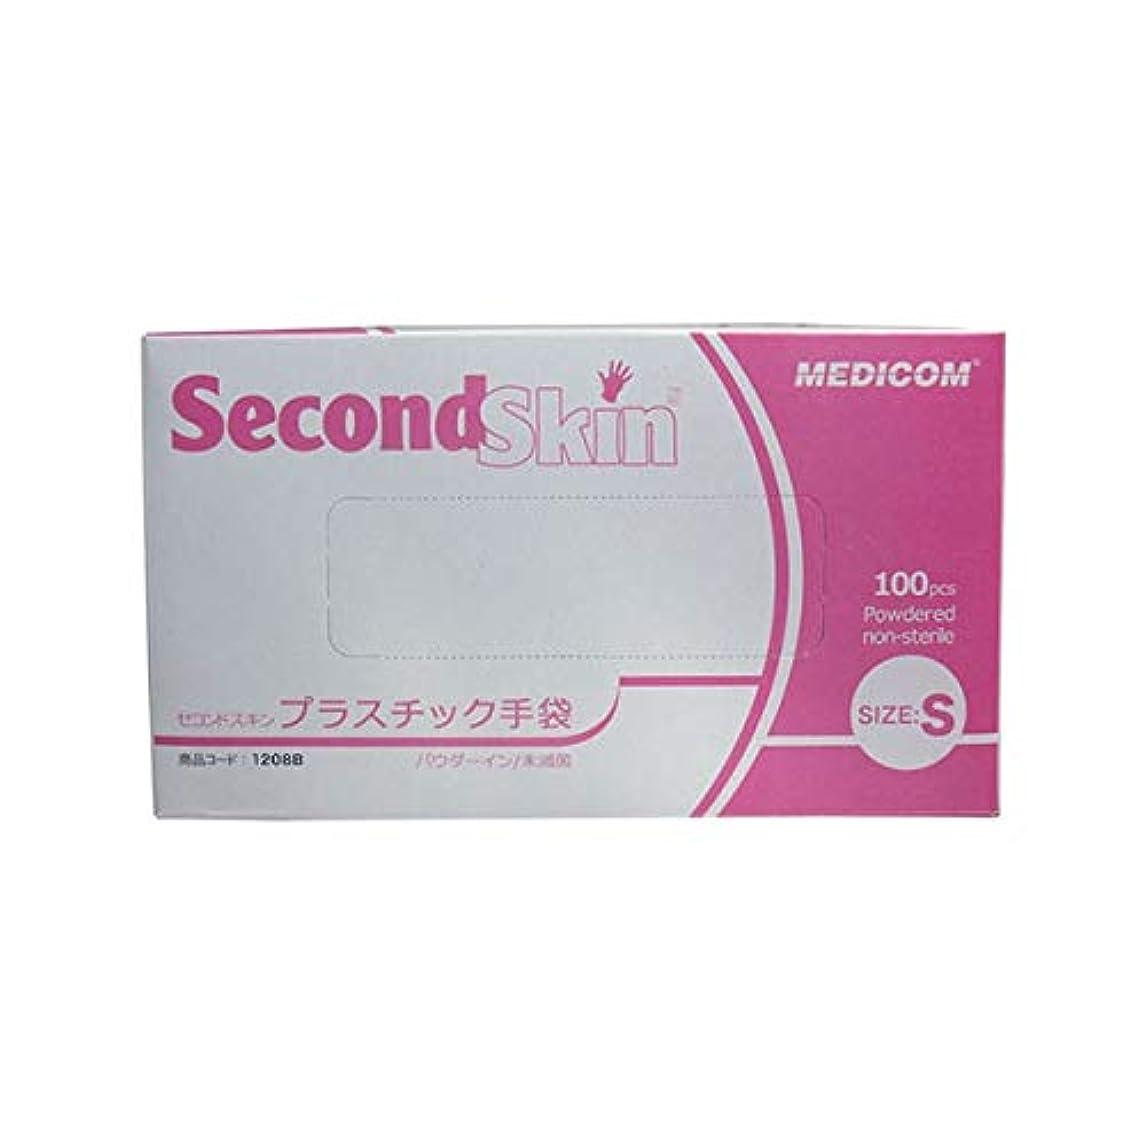 できない法王ロードハウス使い捨て手袋 セコンドスキン プラスチック手袋 粉付き 100枚入X10箱 サイズ選択可 メディコム (S)